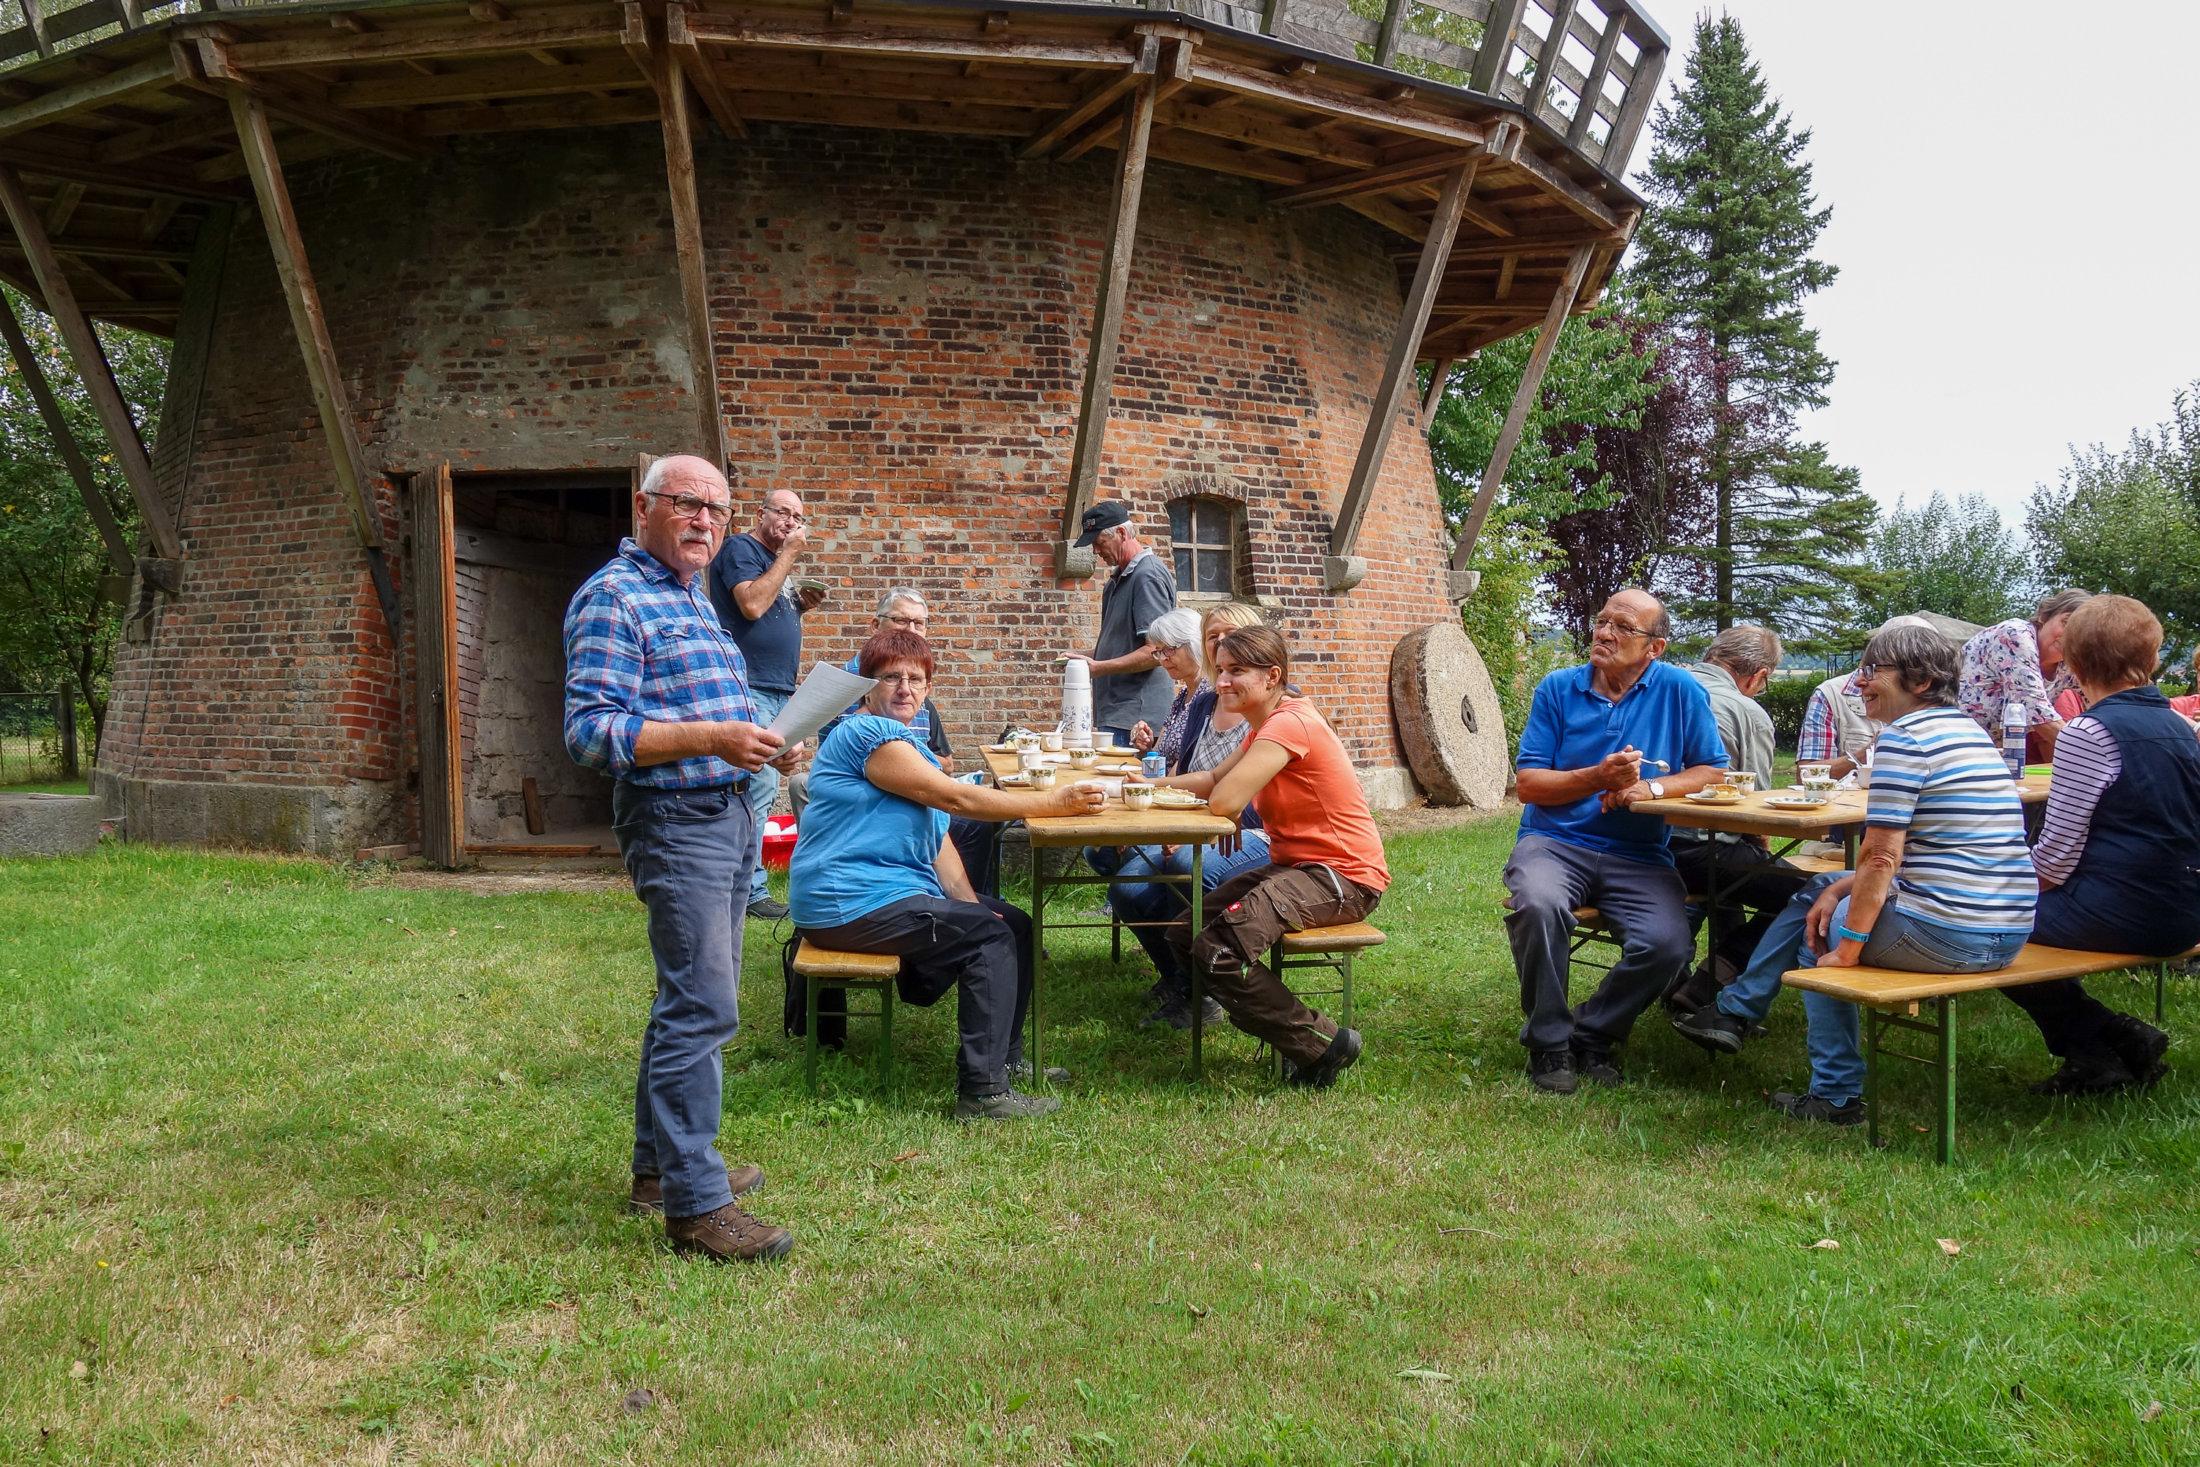 Nach der Besichtigung der Mühle gibt es Kaffee und Kuchen